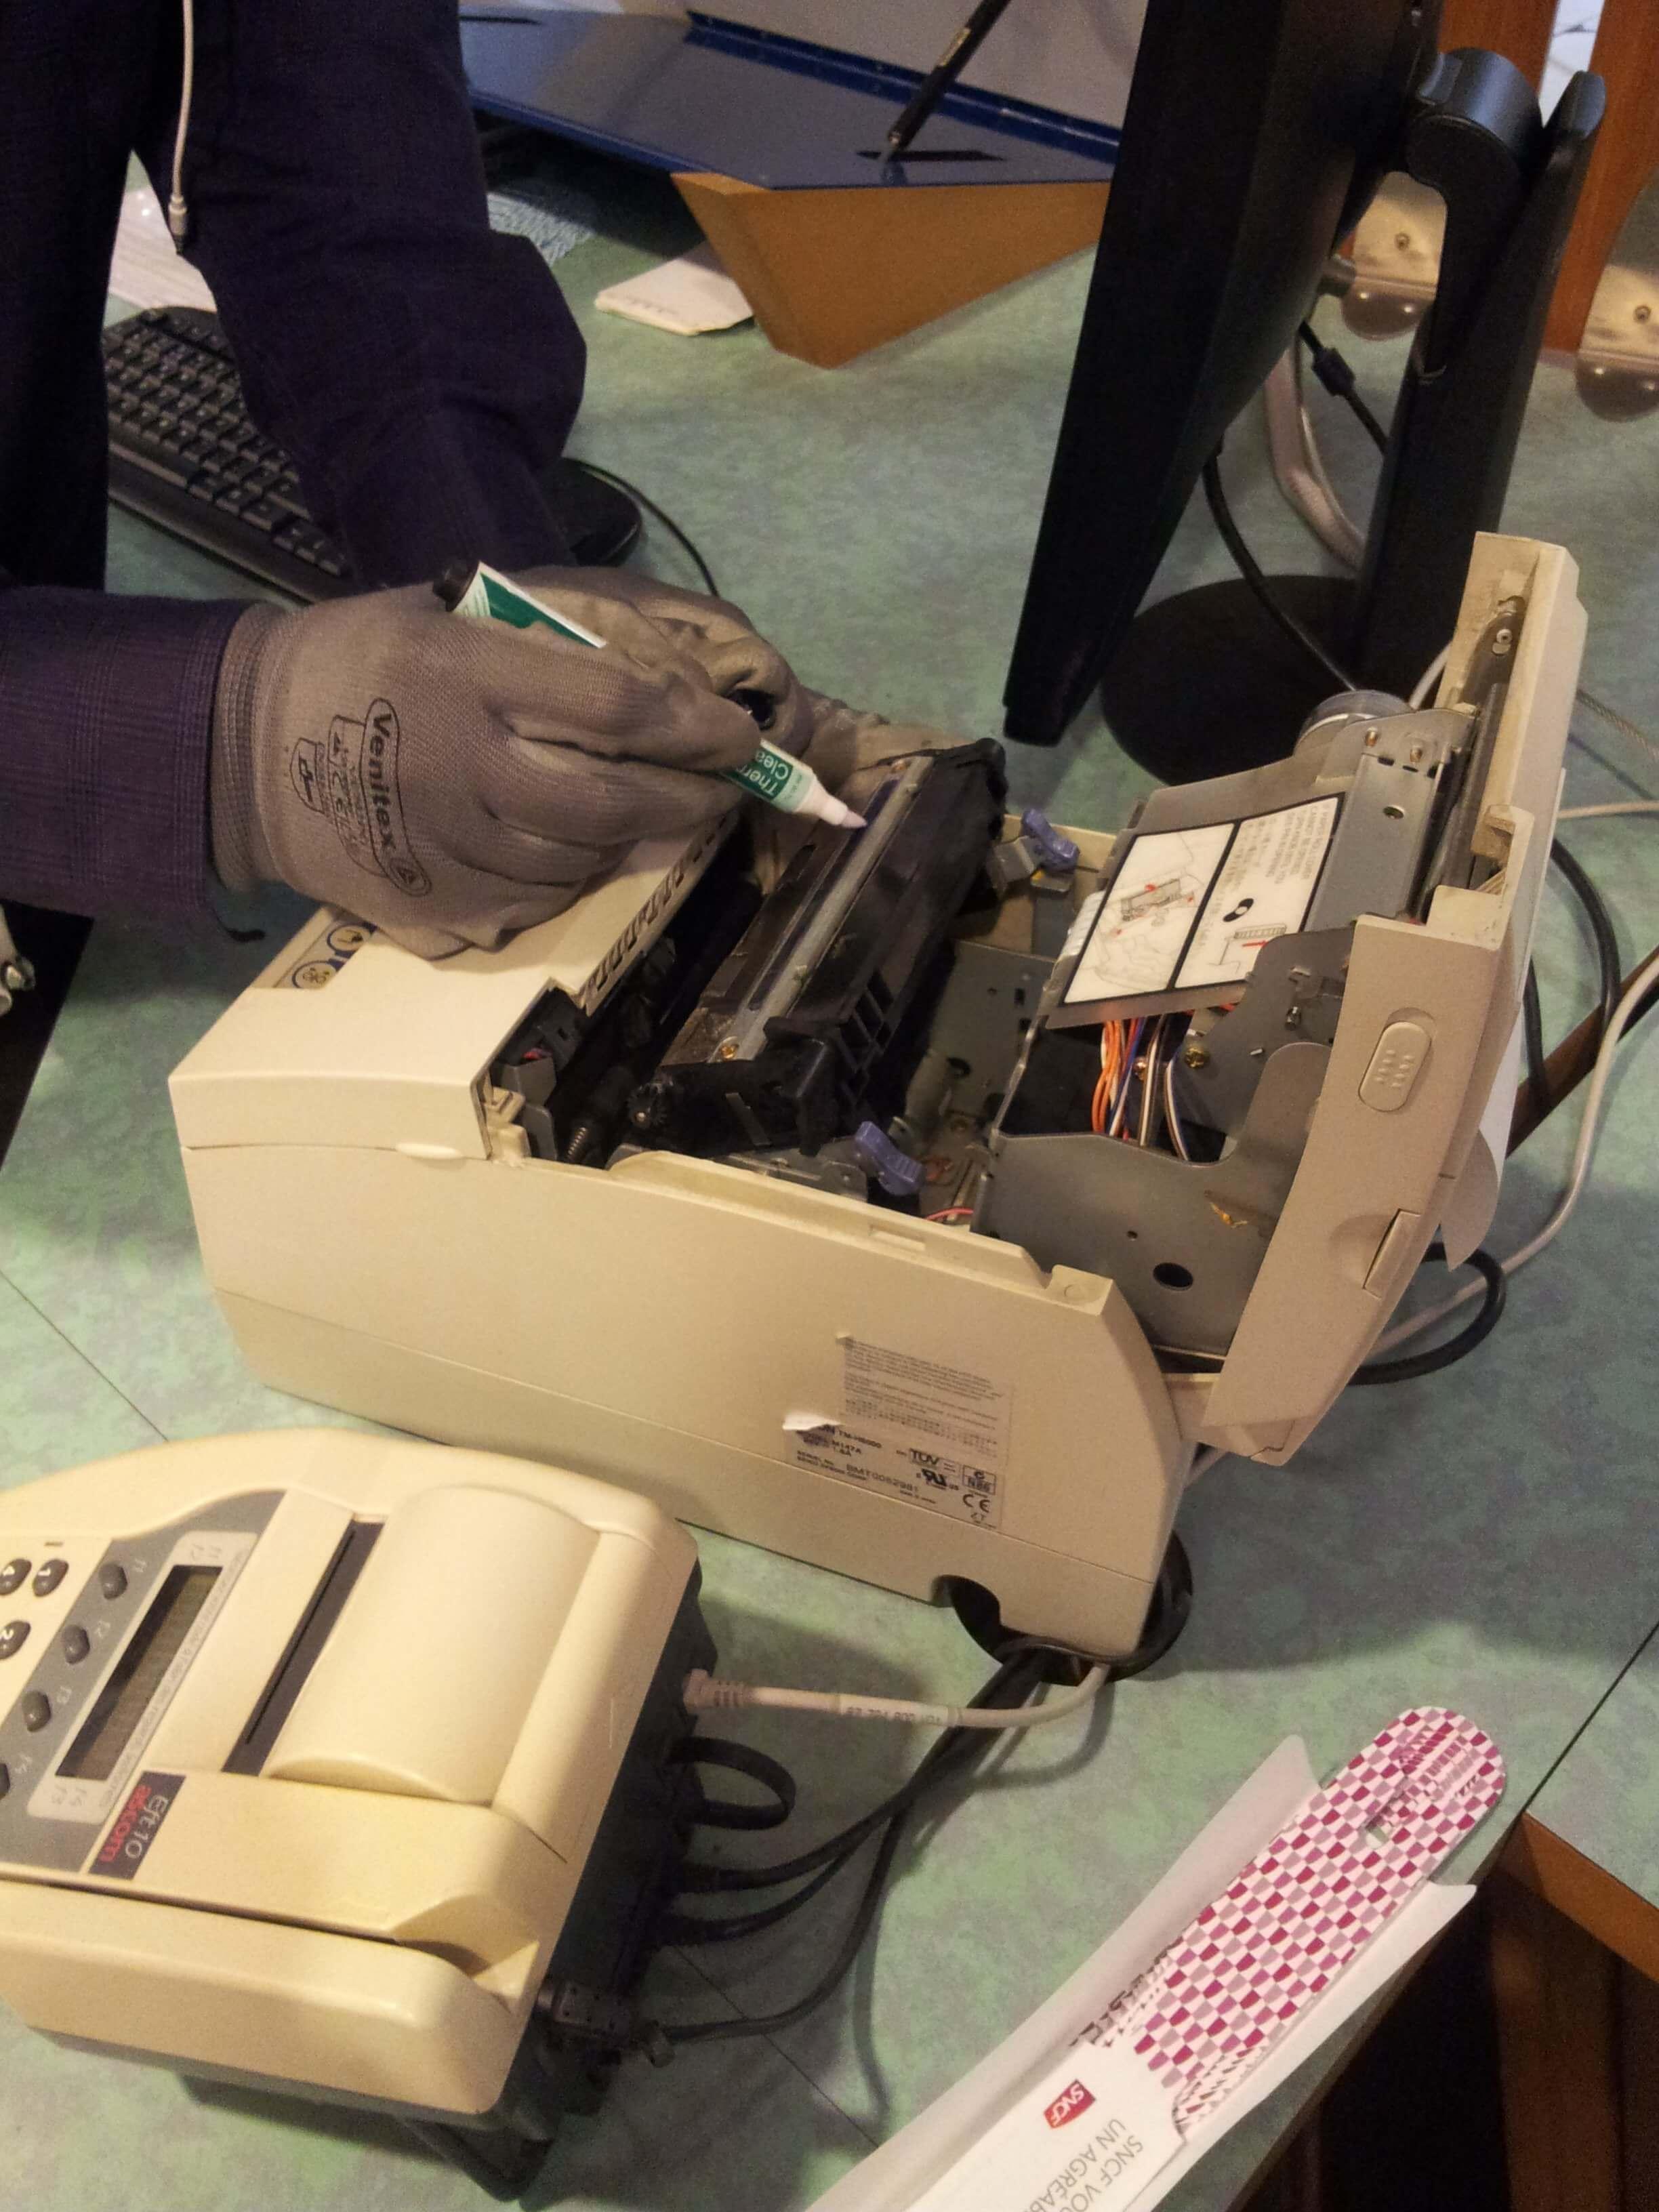 Nettoyage des terminaux de paiements